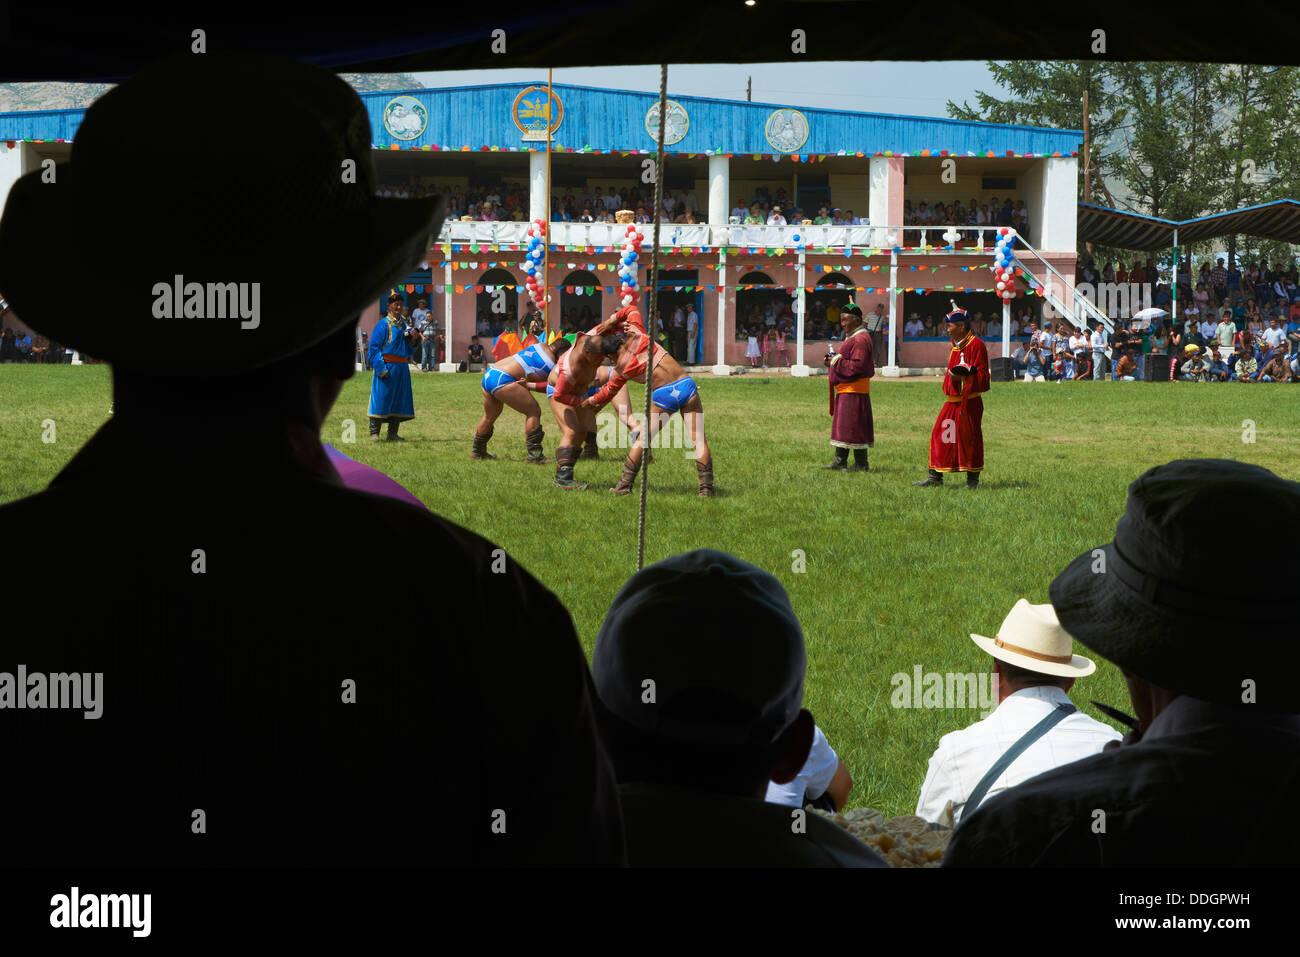 Mongolia, provincia Arkhangai, Tsetserleg, Festival de Naadam, torneo de lucha Imagen De Stock